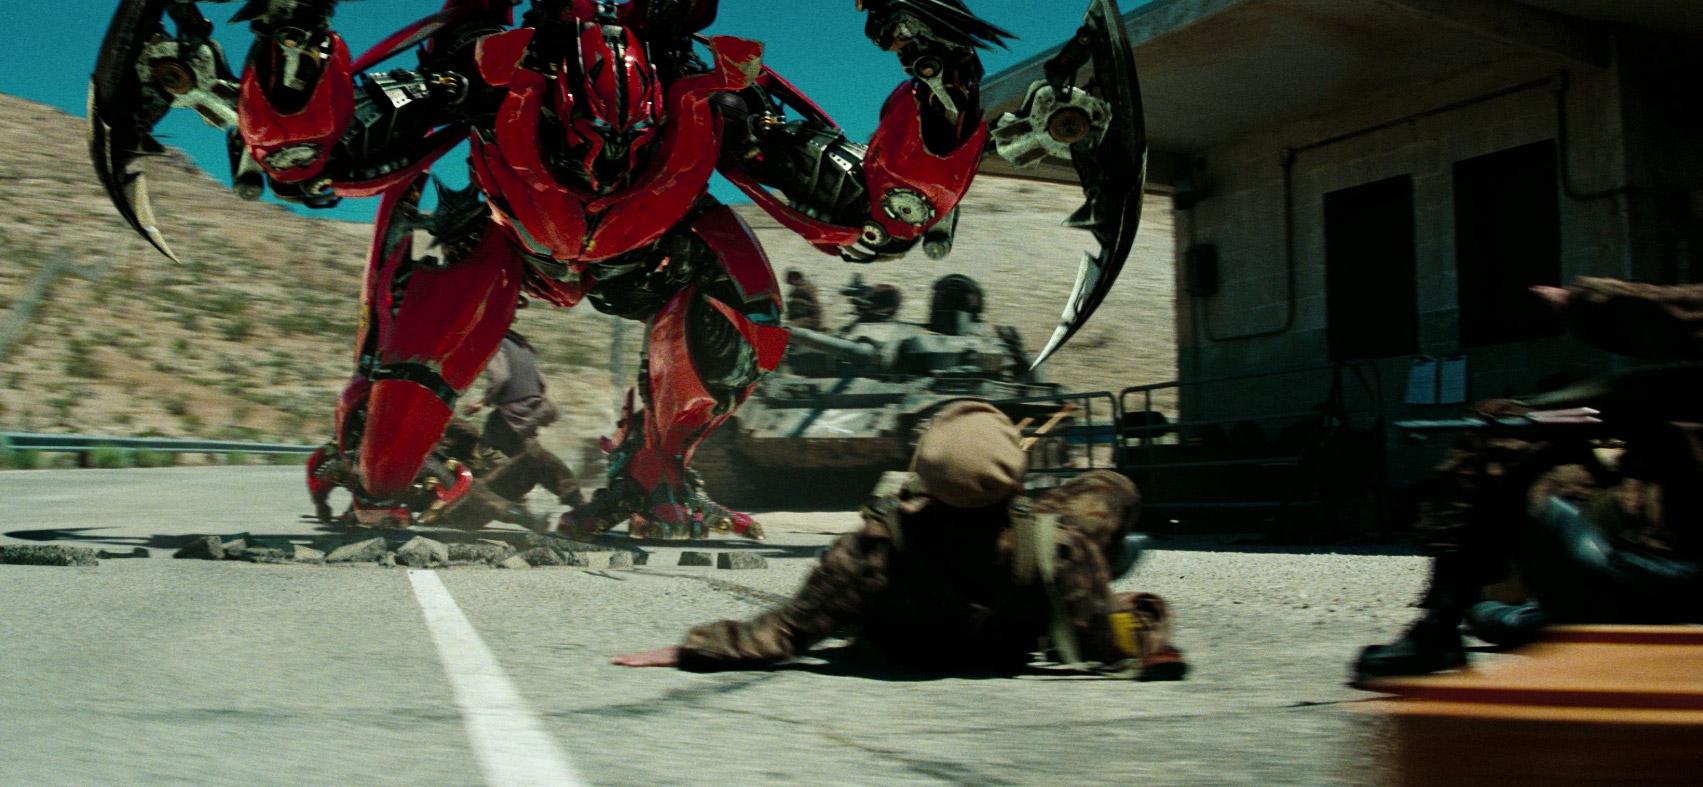 Transformers DOTM Mirage robot